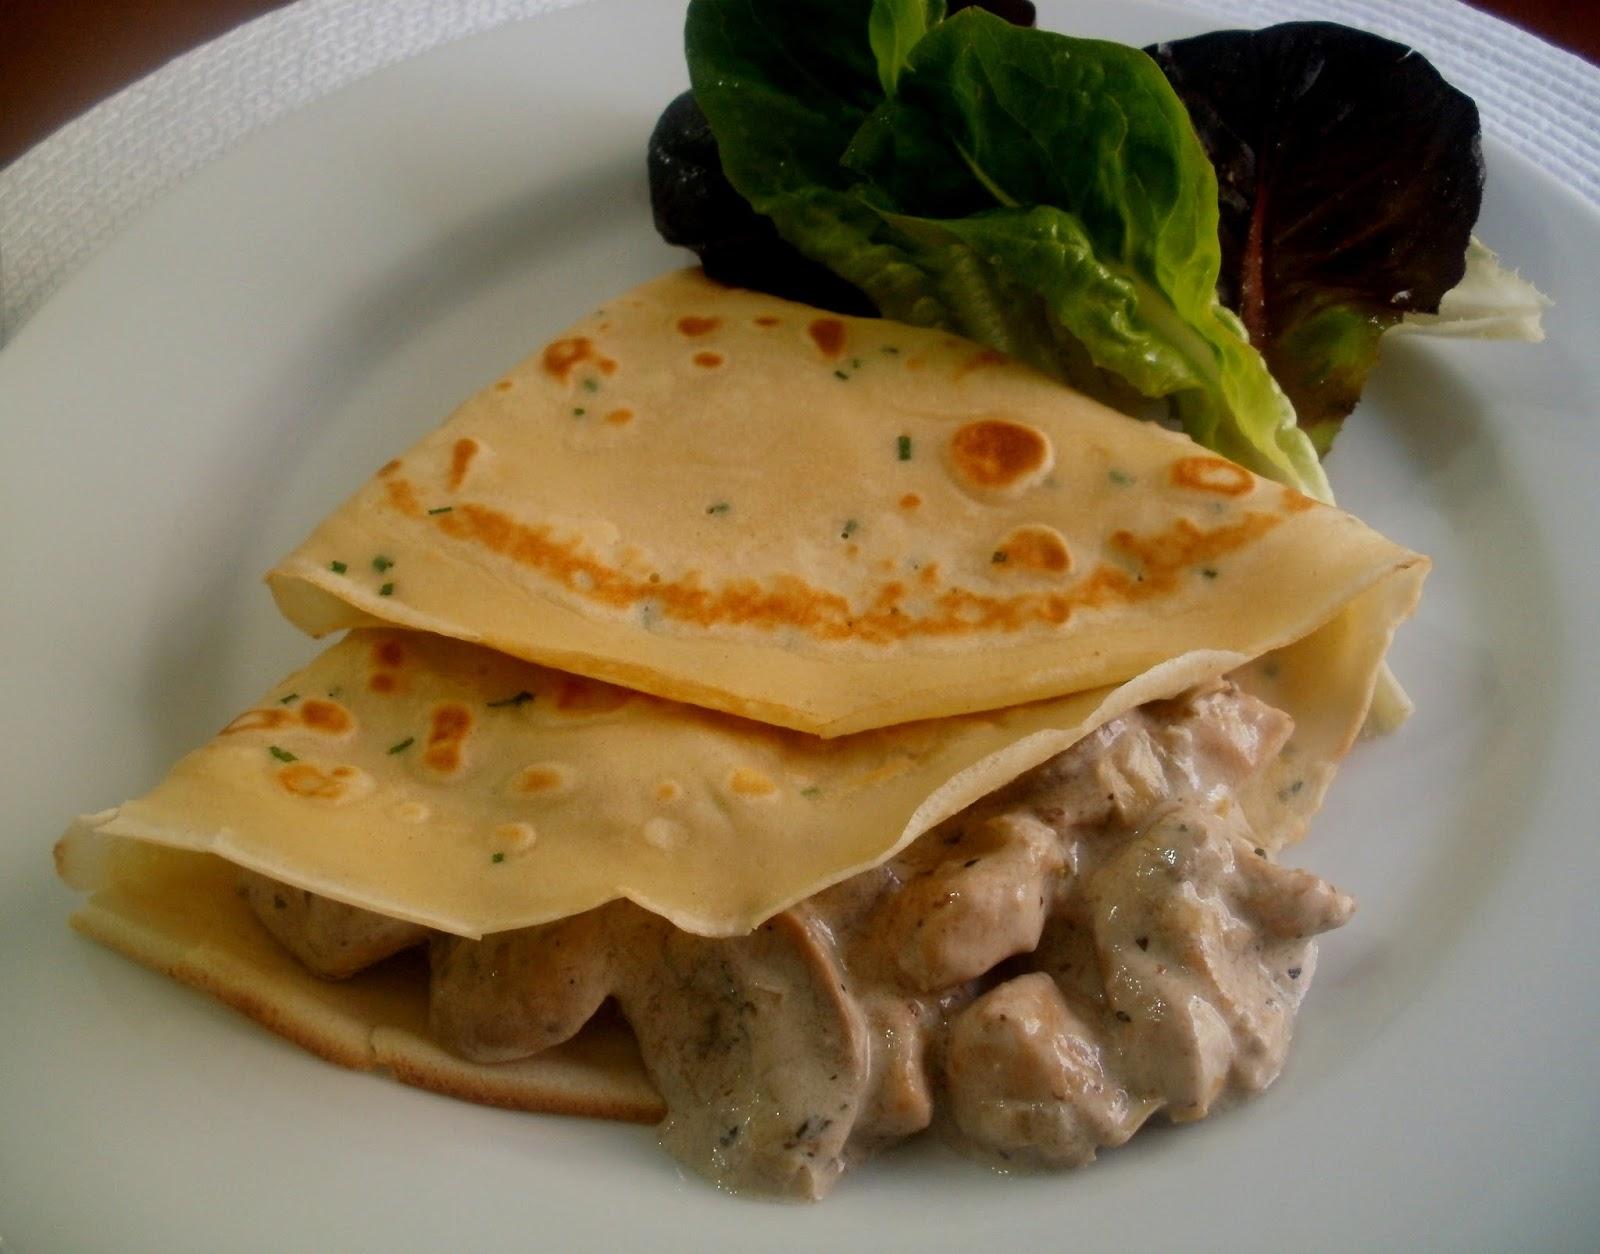 Crepes saladas 3 ricas recetas para degustar en familia - Ingredientes para crepes ...